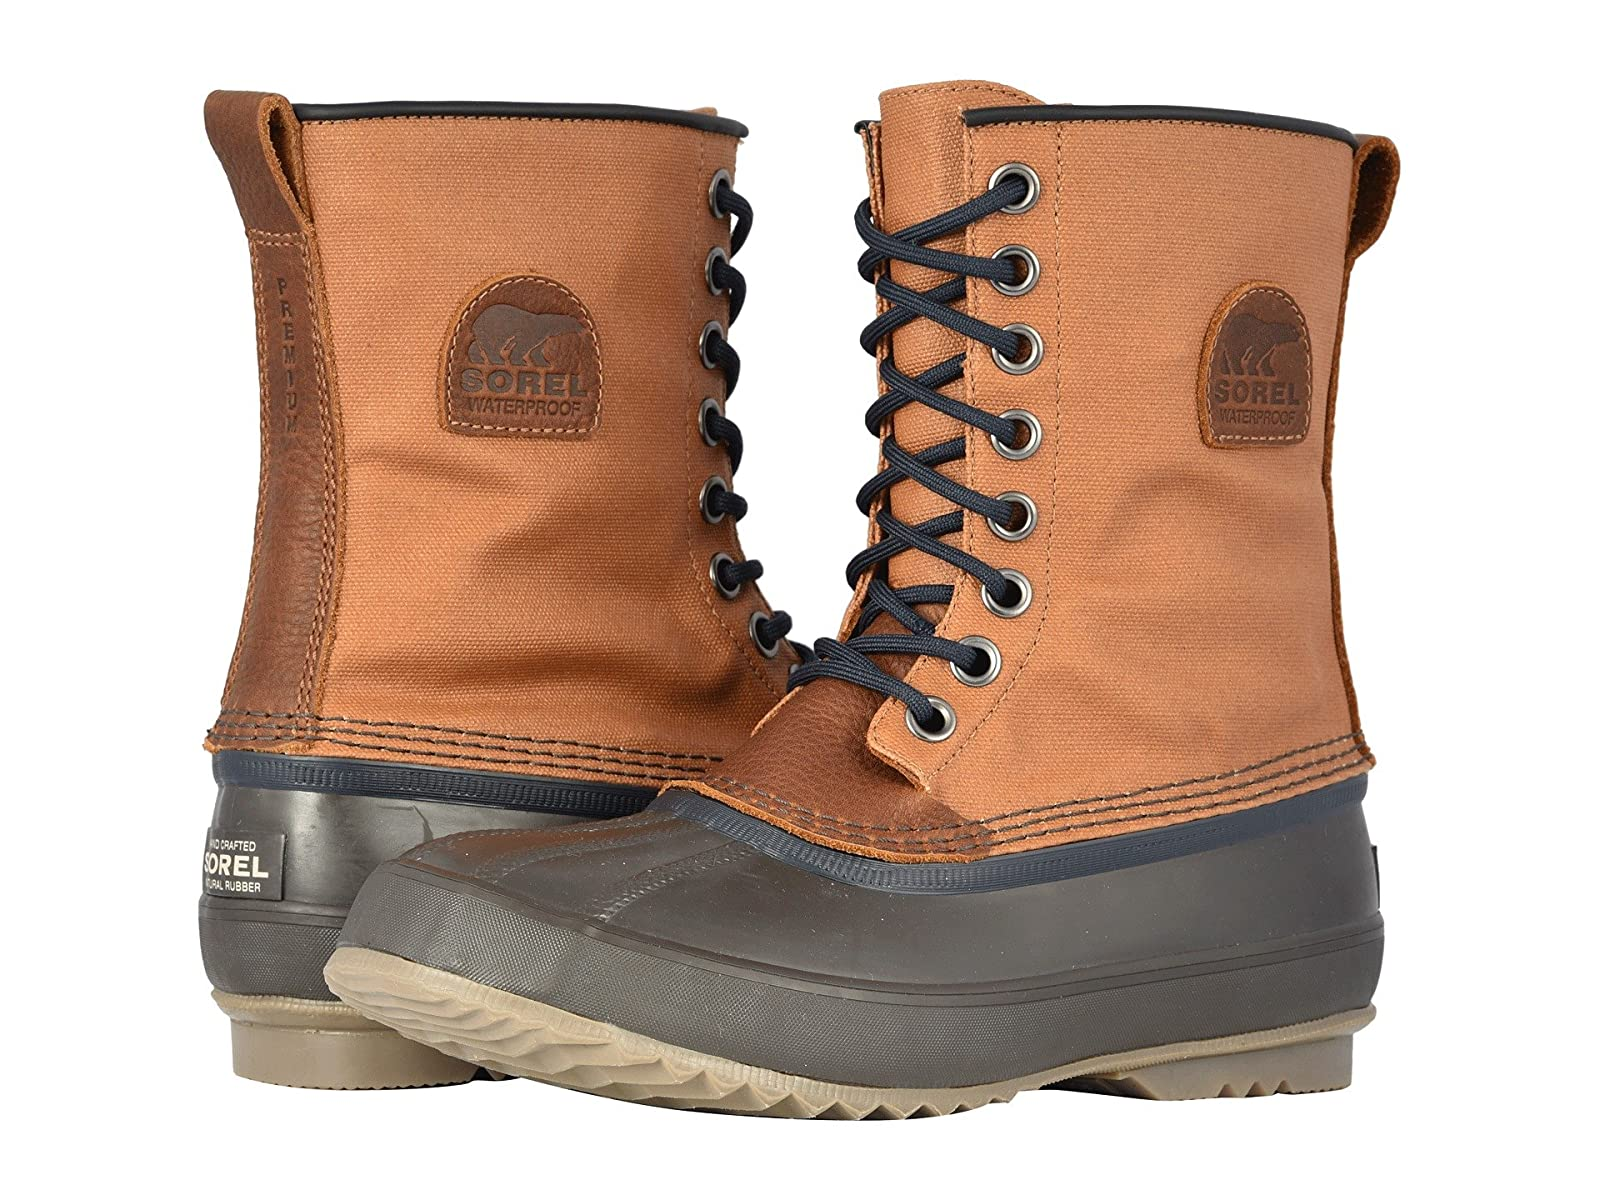 SOREL 1964 Premium T CVSEconomical and quality shoes